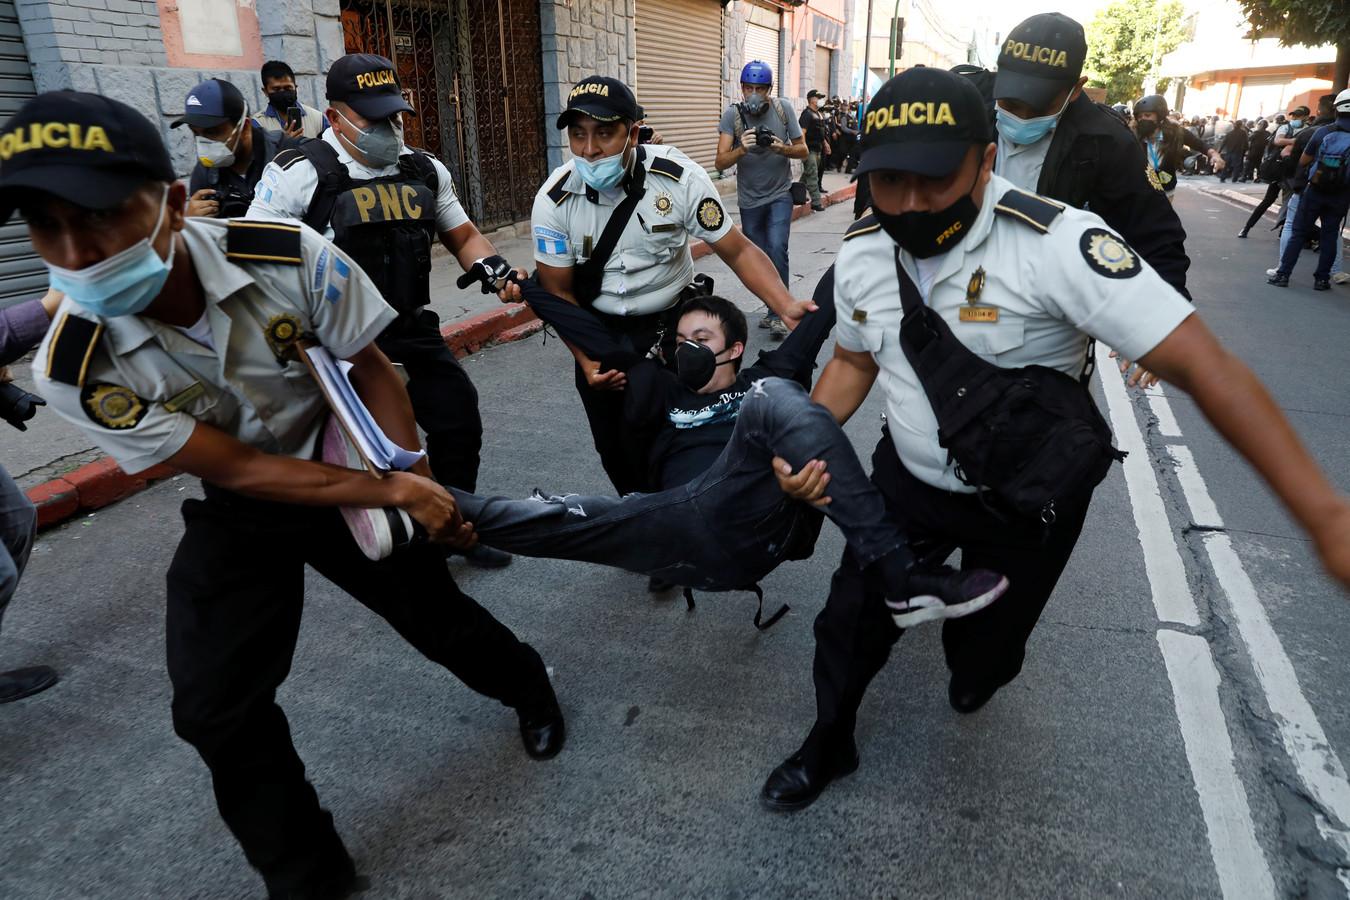 Politie-agenten voeren een betoger mee.